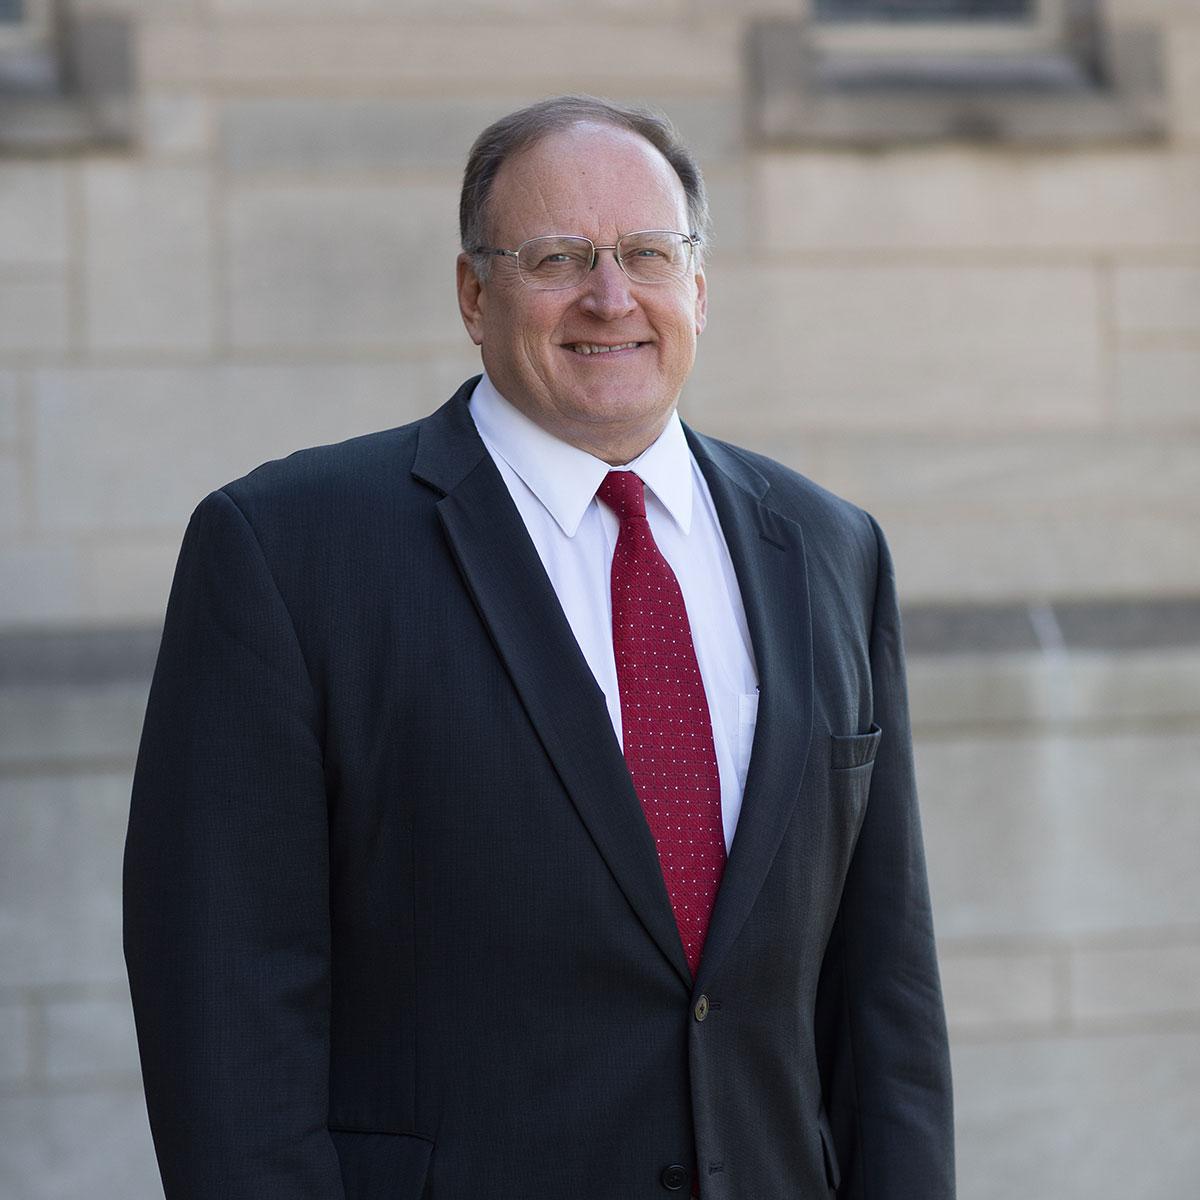 Doug Kriegshauser